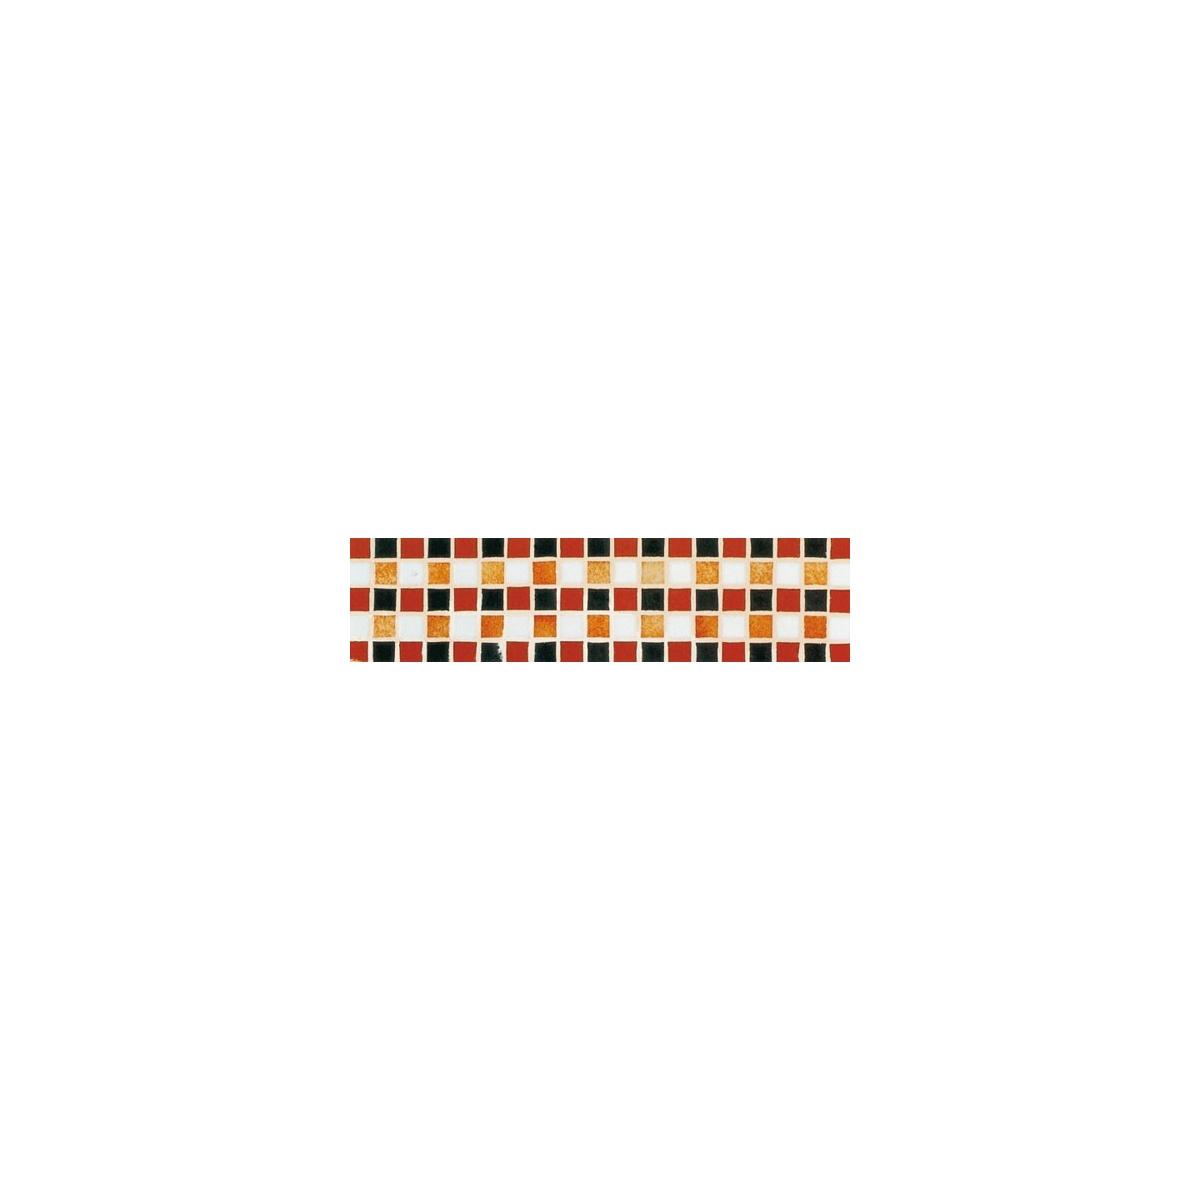 Cenefa 1 (Unidad) - Cenefas y dibujos en gresite - Marca Vidrepur